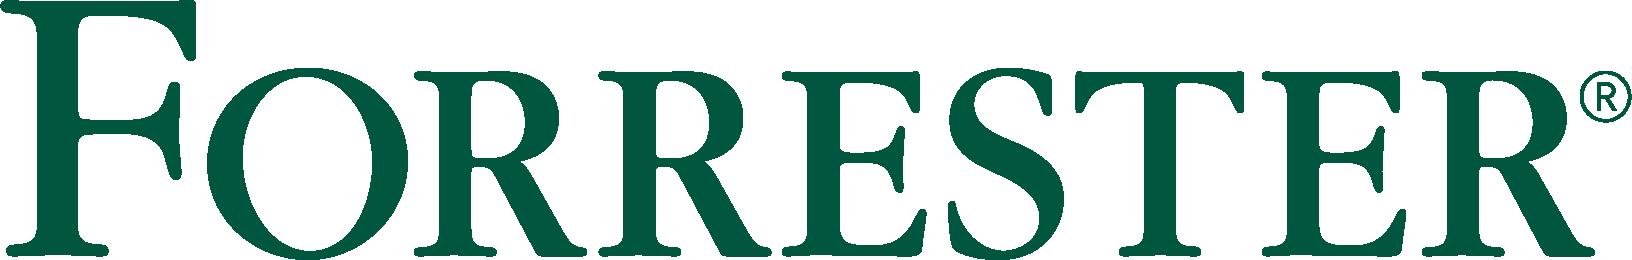 forrester-RGB_logo-1